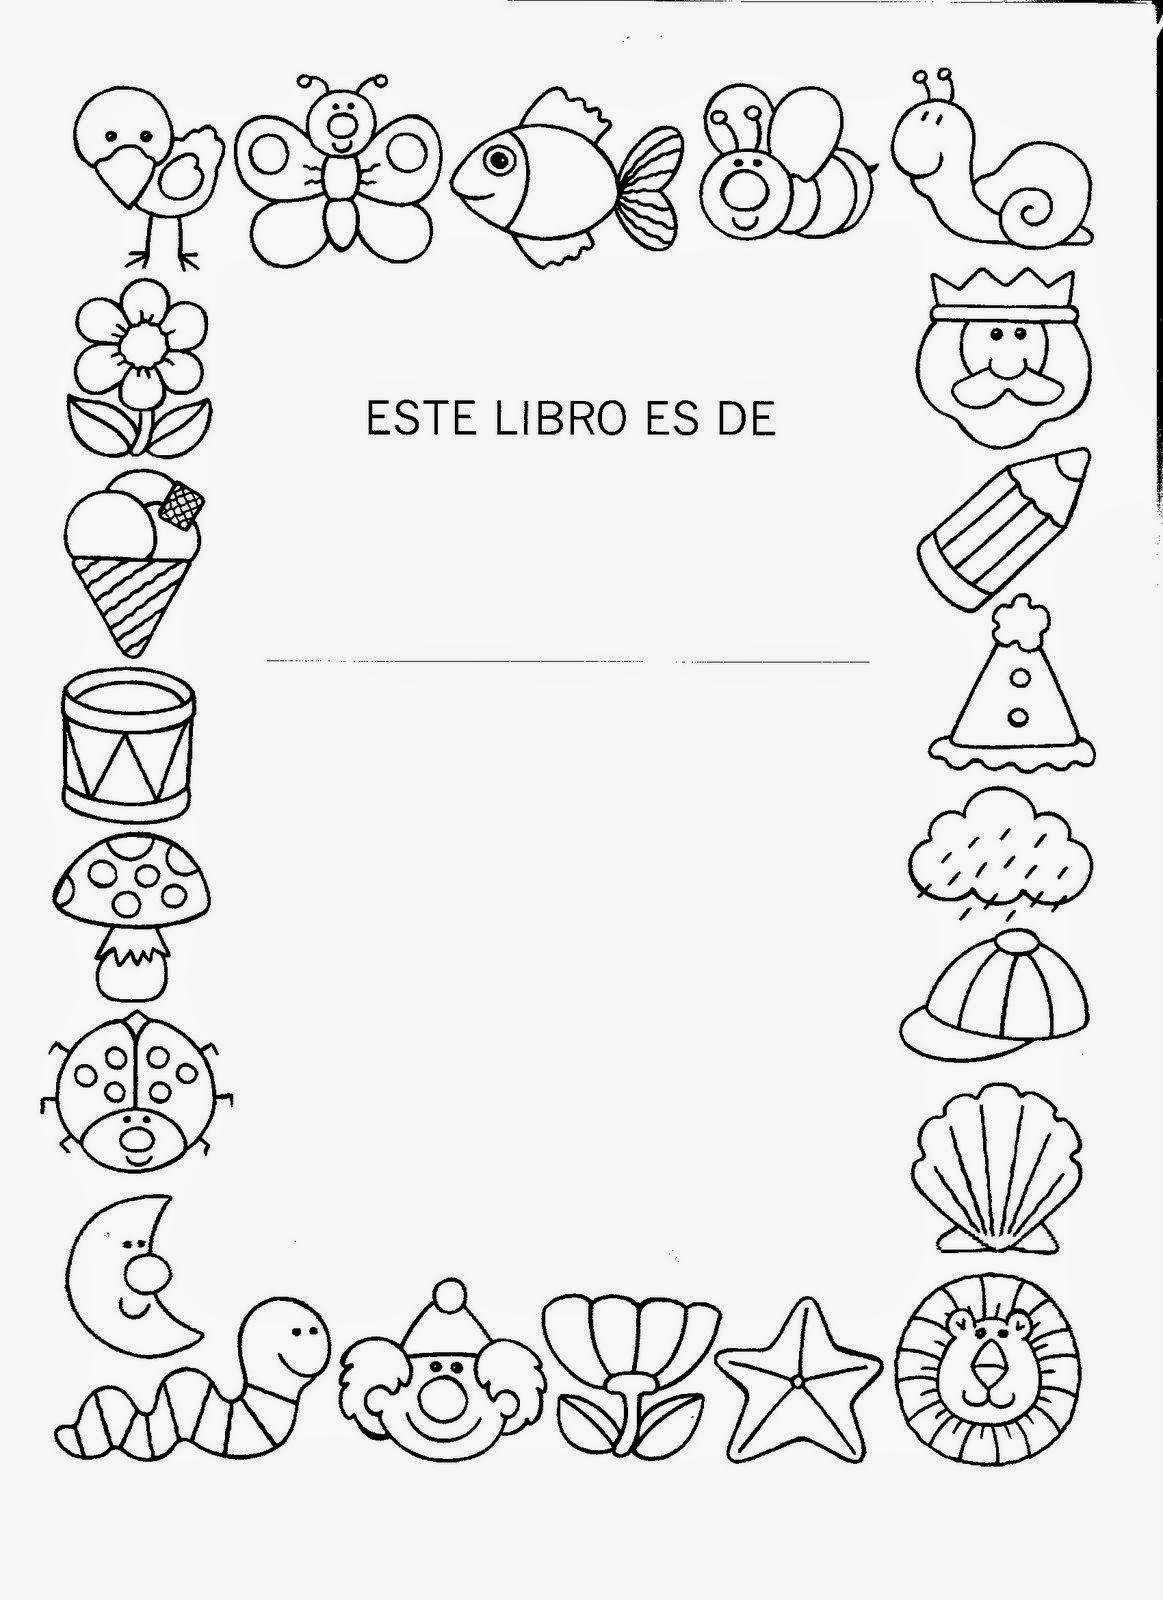 Encantador Libro De Colorear Cubierta Molde - Dibujos Para Colorear ...